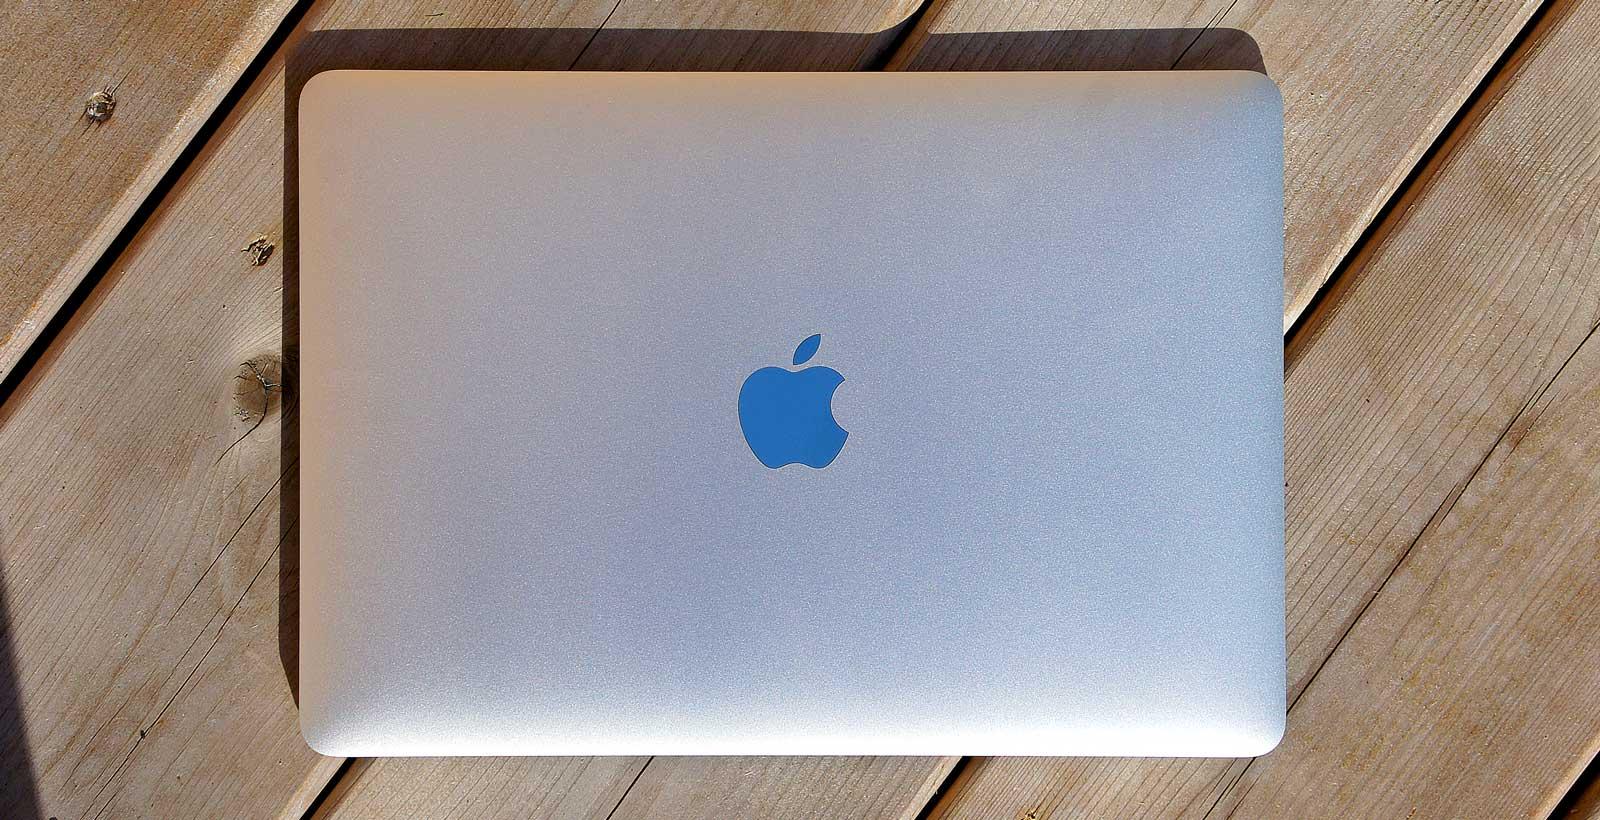 macbook05